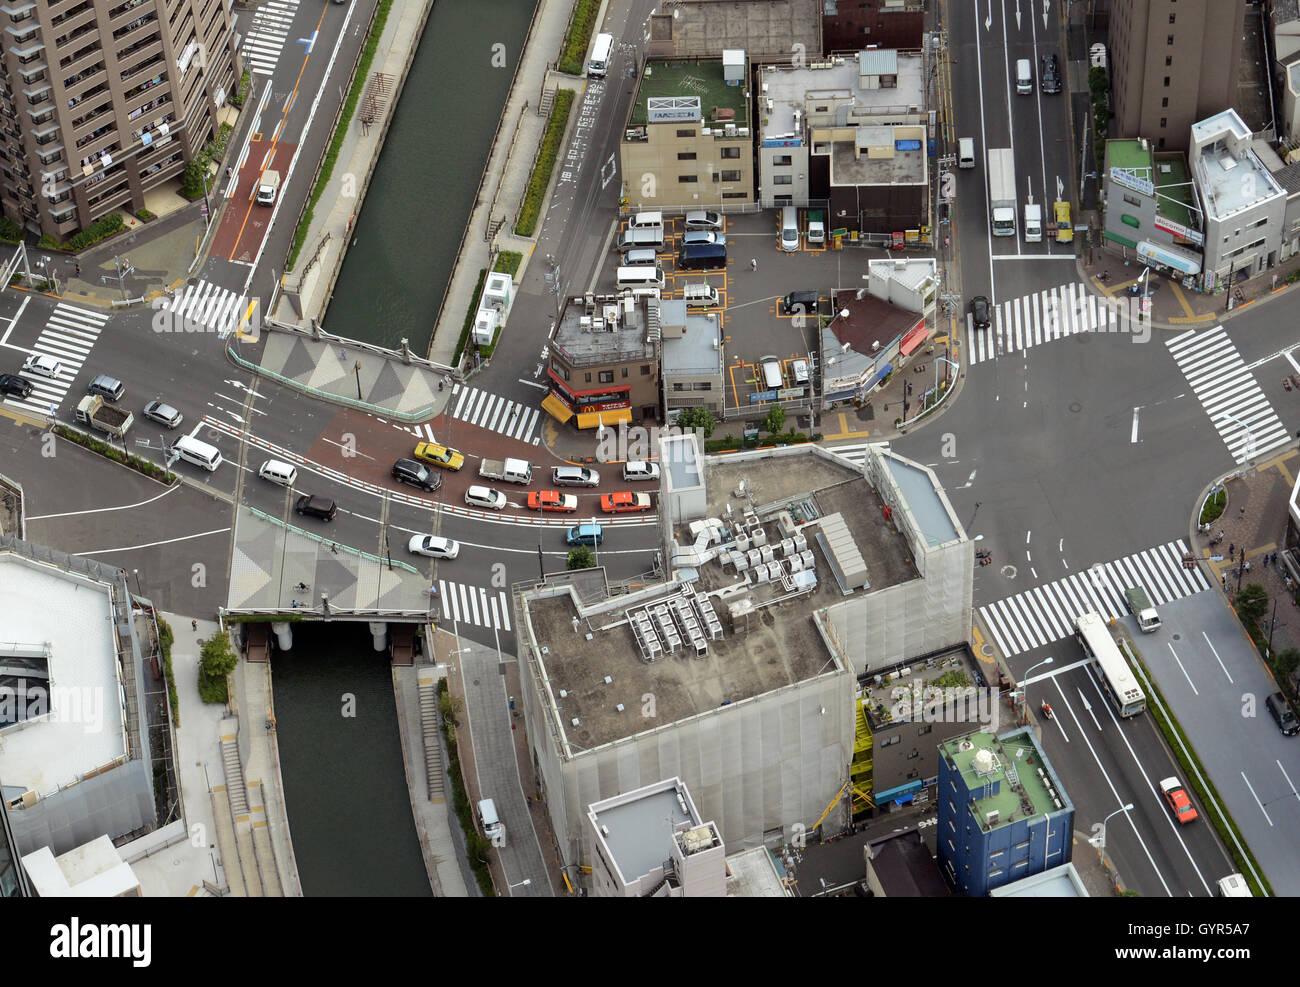 Vista aerea di urbano di Tokyo. Immagini Stock